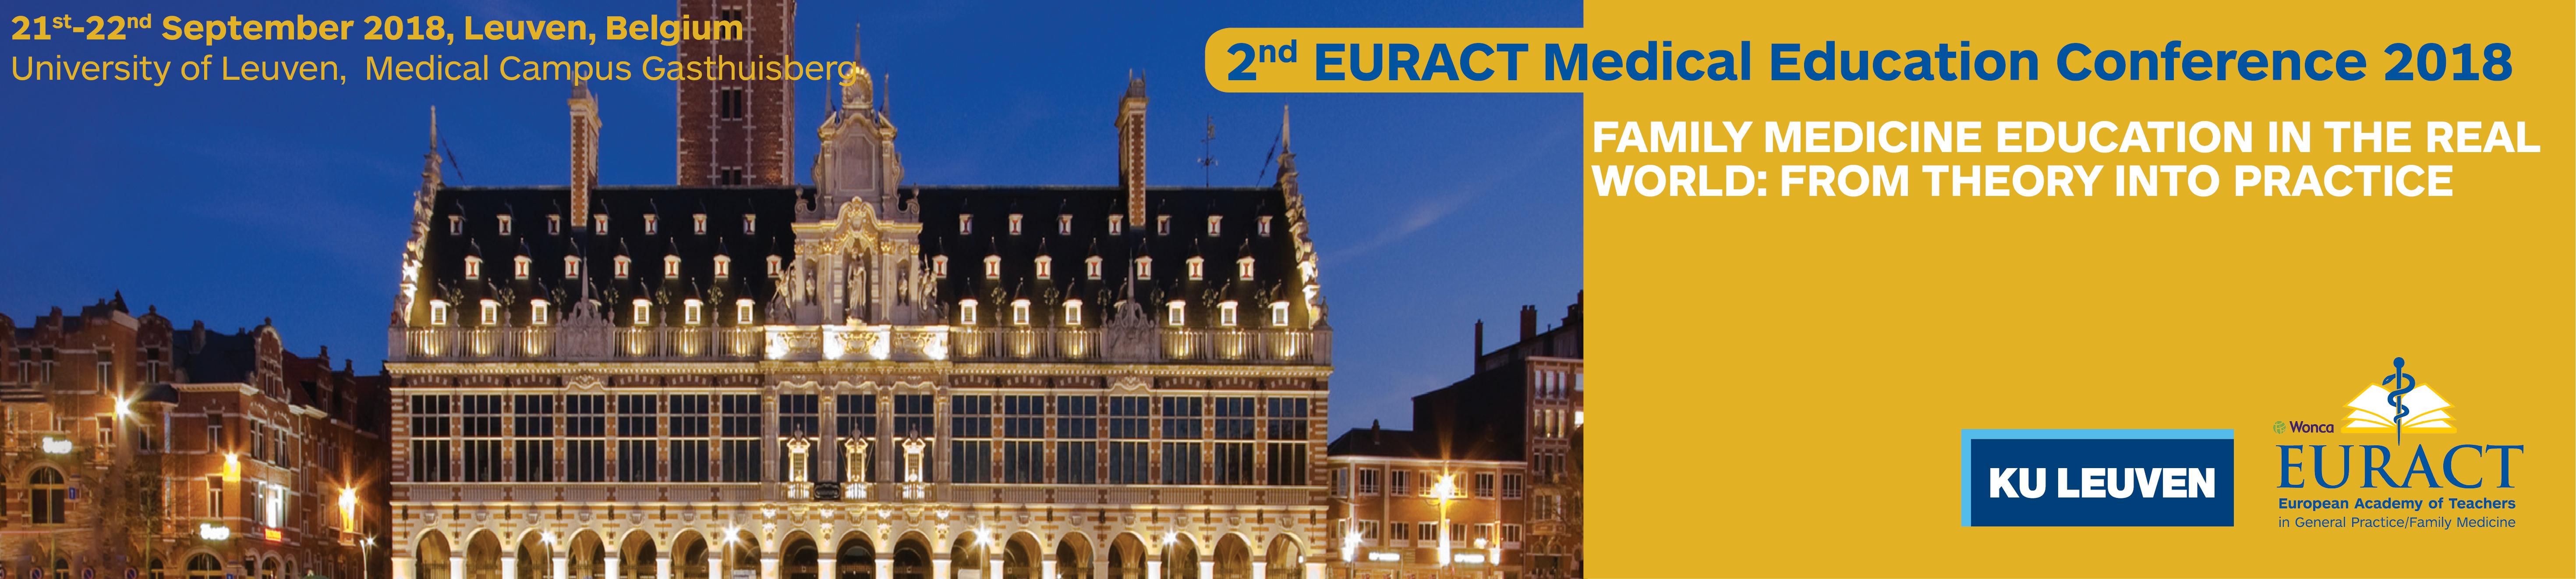 EURACT header